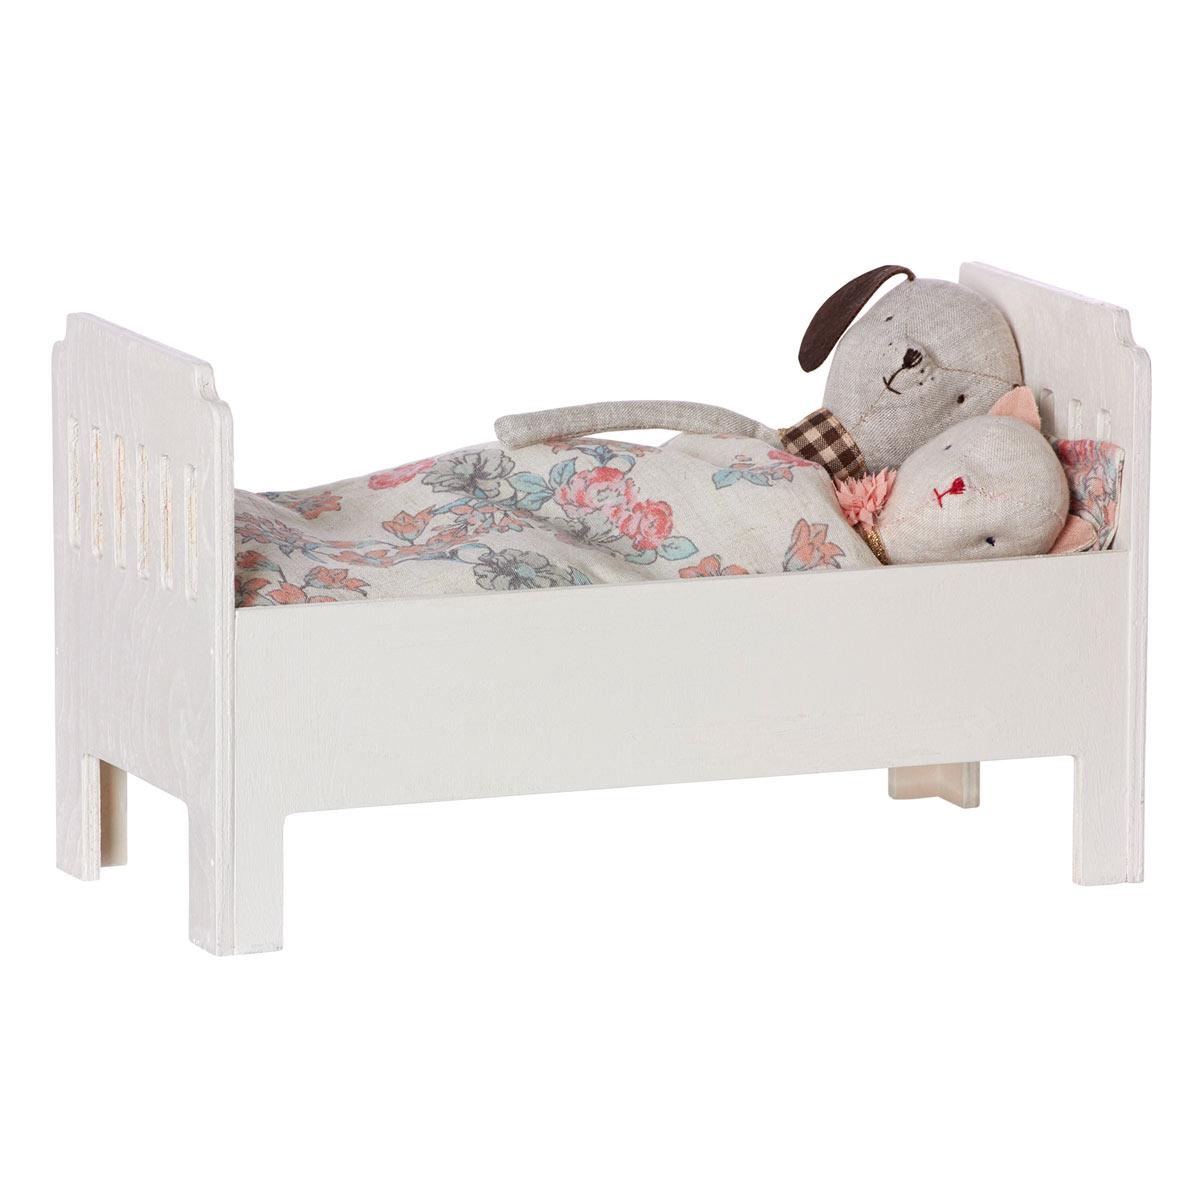 Puppen & Zubehör 211 Puppenstube Puppenmöbel Kinderbett mit 3 Babypuppen Babypuppen & Zubehör